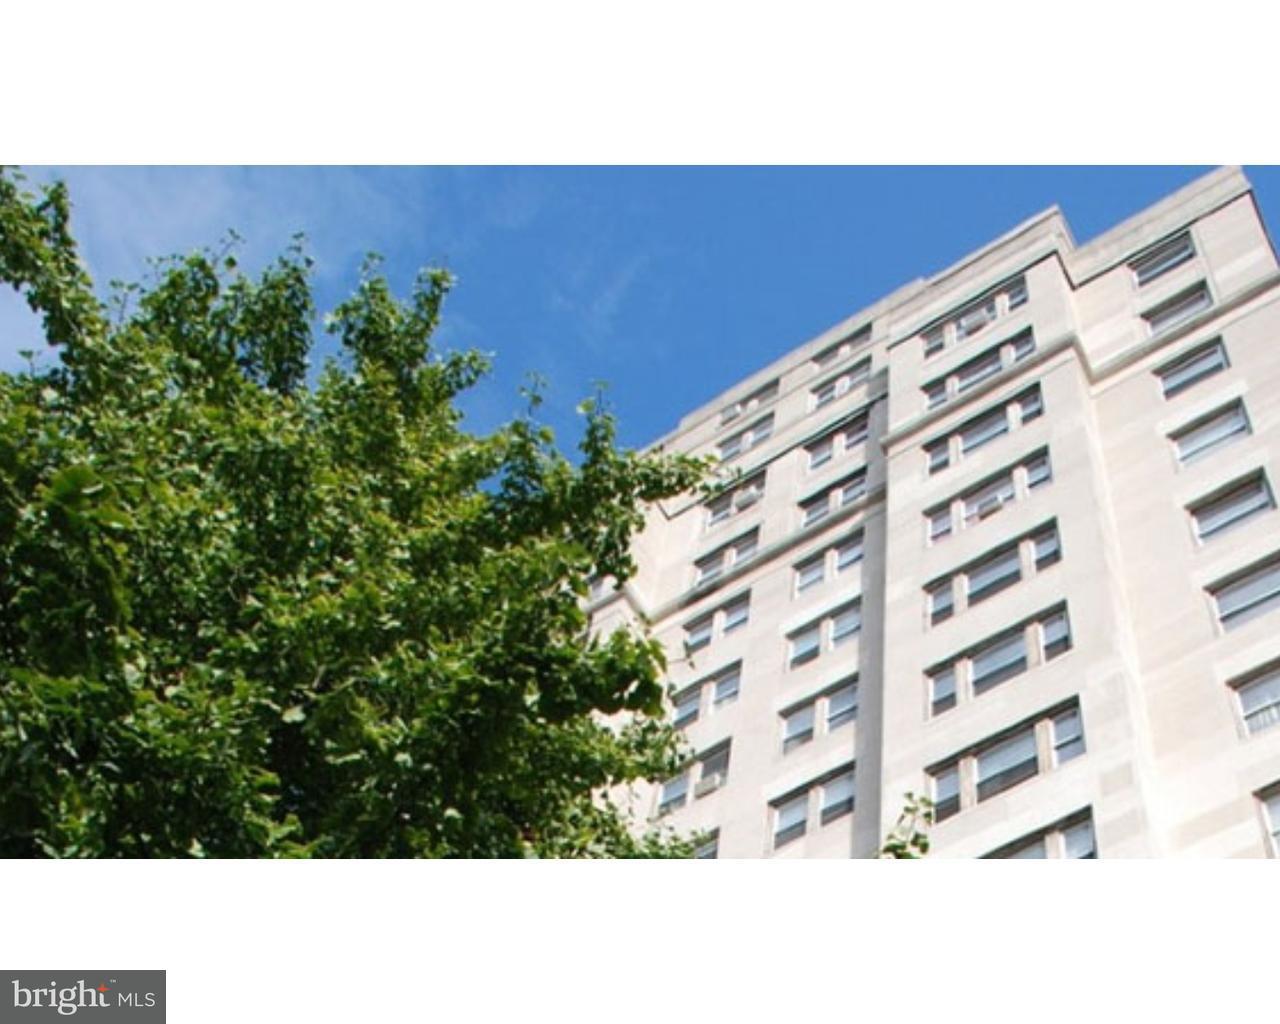 独户住宅 为 出租 在 257 S 16TH ST #5A 费城, 宾夕法尼亚州 19102 美国